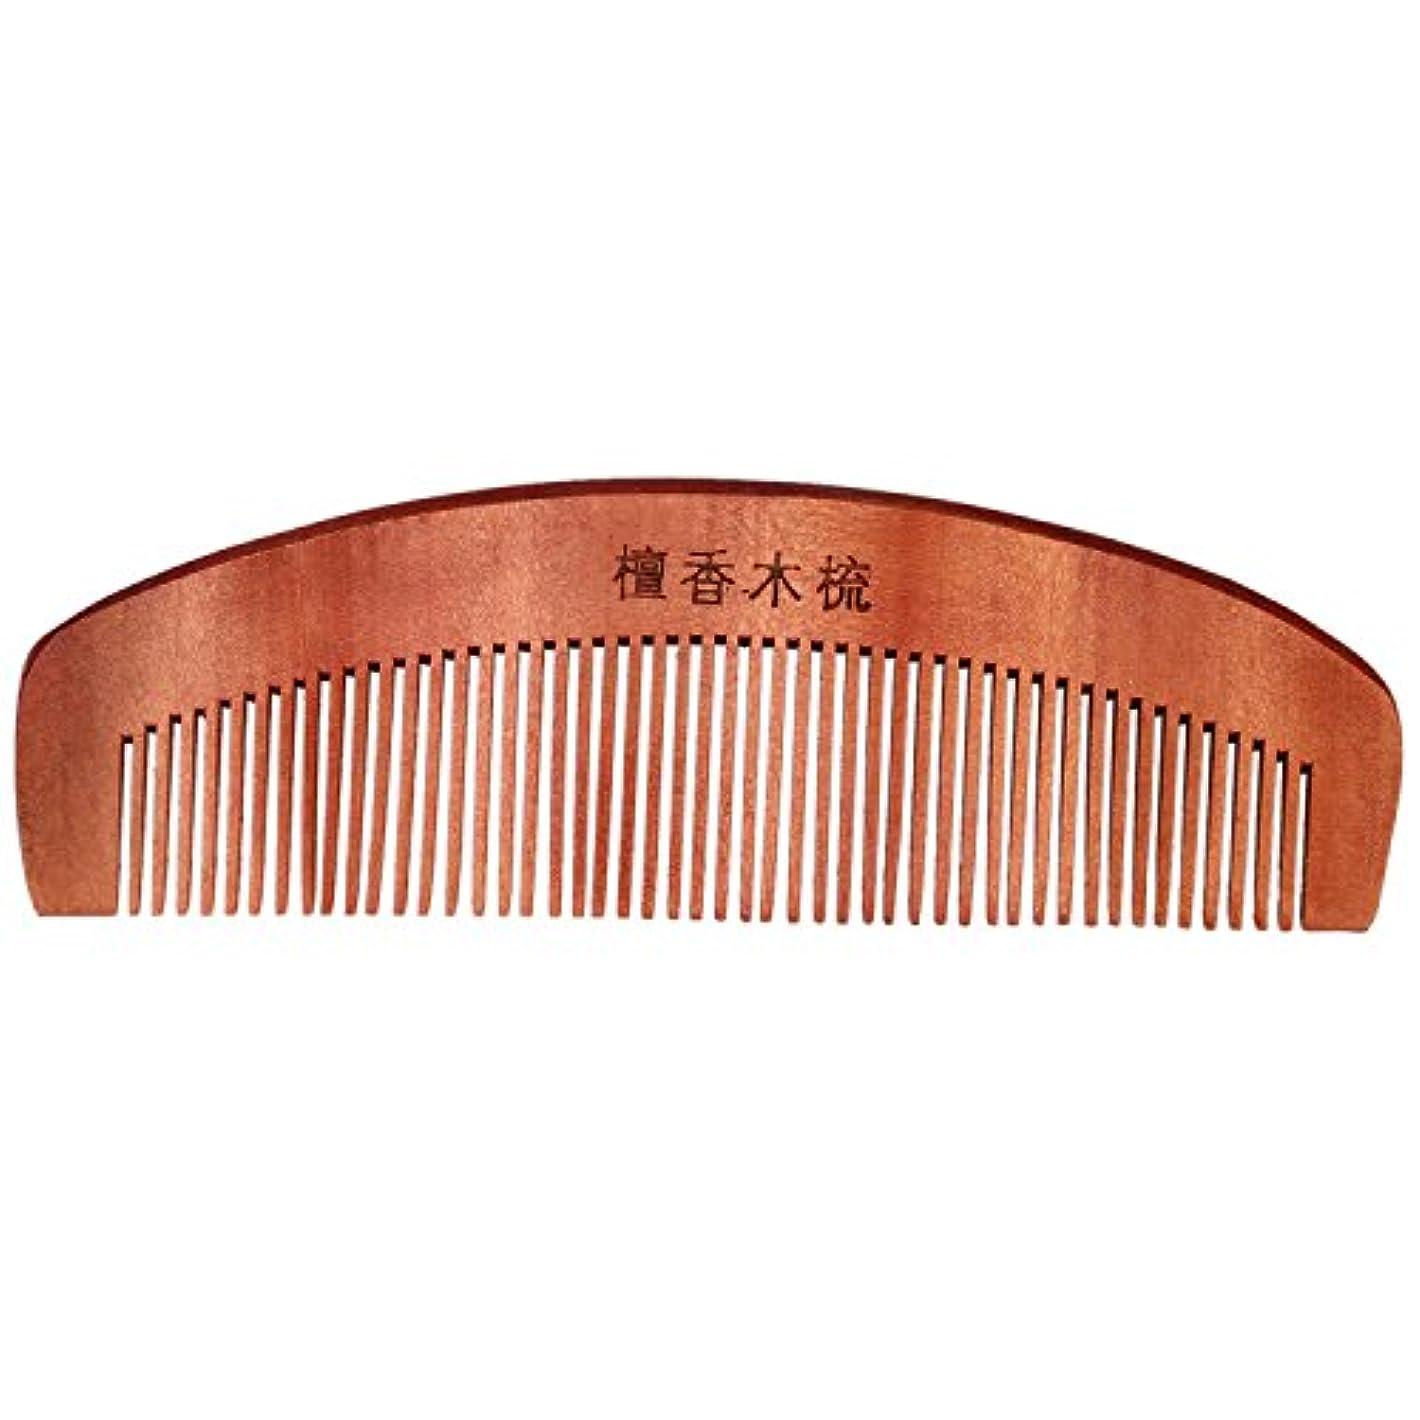 開発恥ずかしいヶ月目くし,SODIAL(R)コーヒー色の香りの良い天然木木製の髪ケア理髪くし5.7